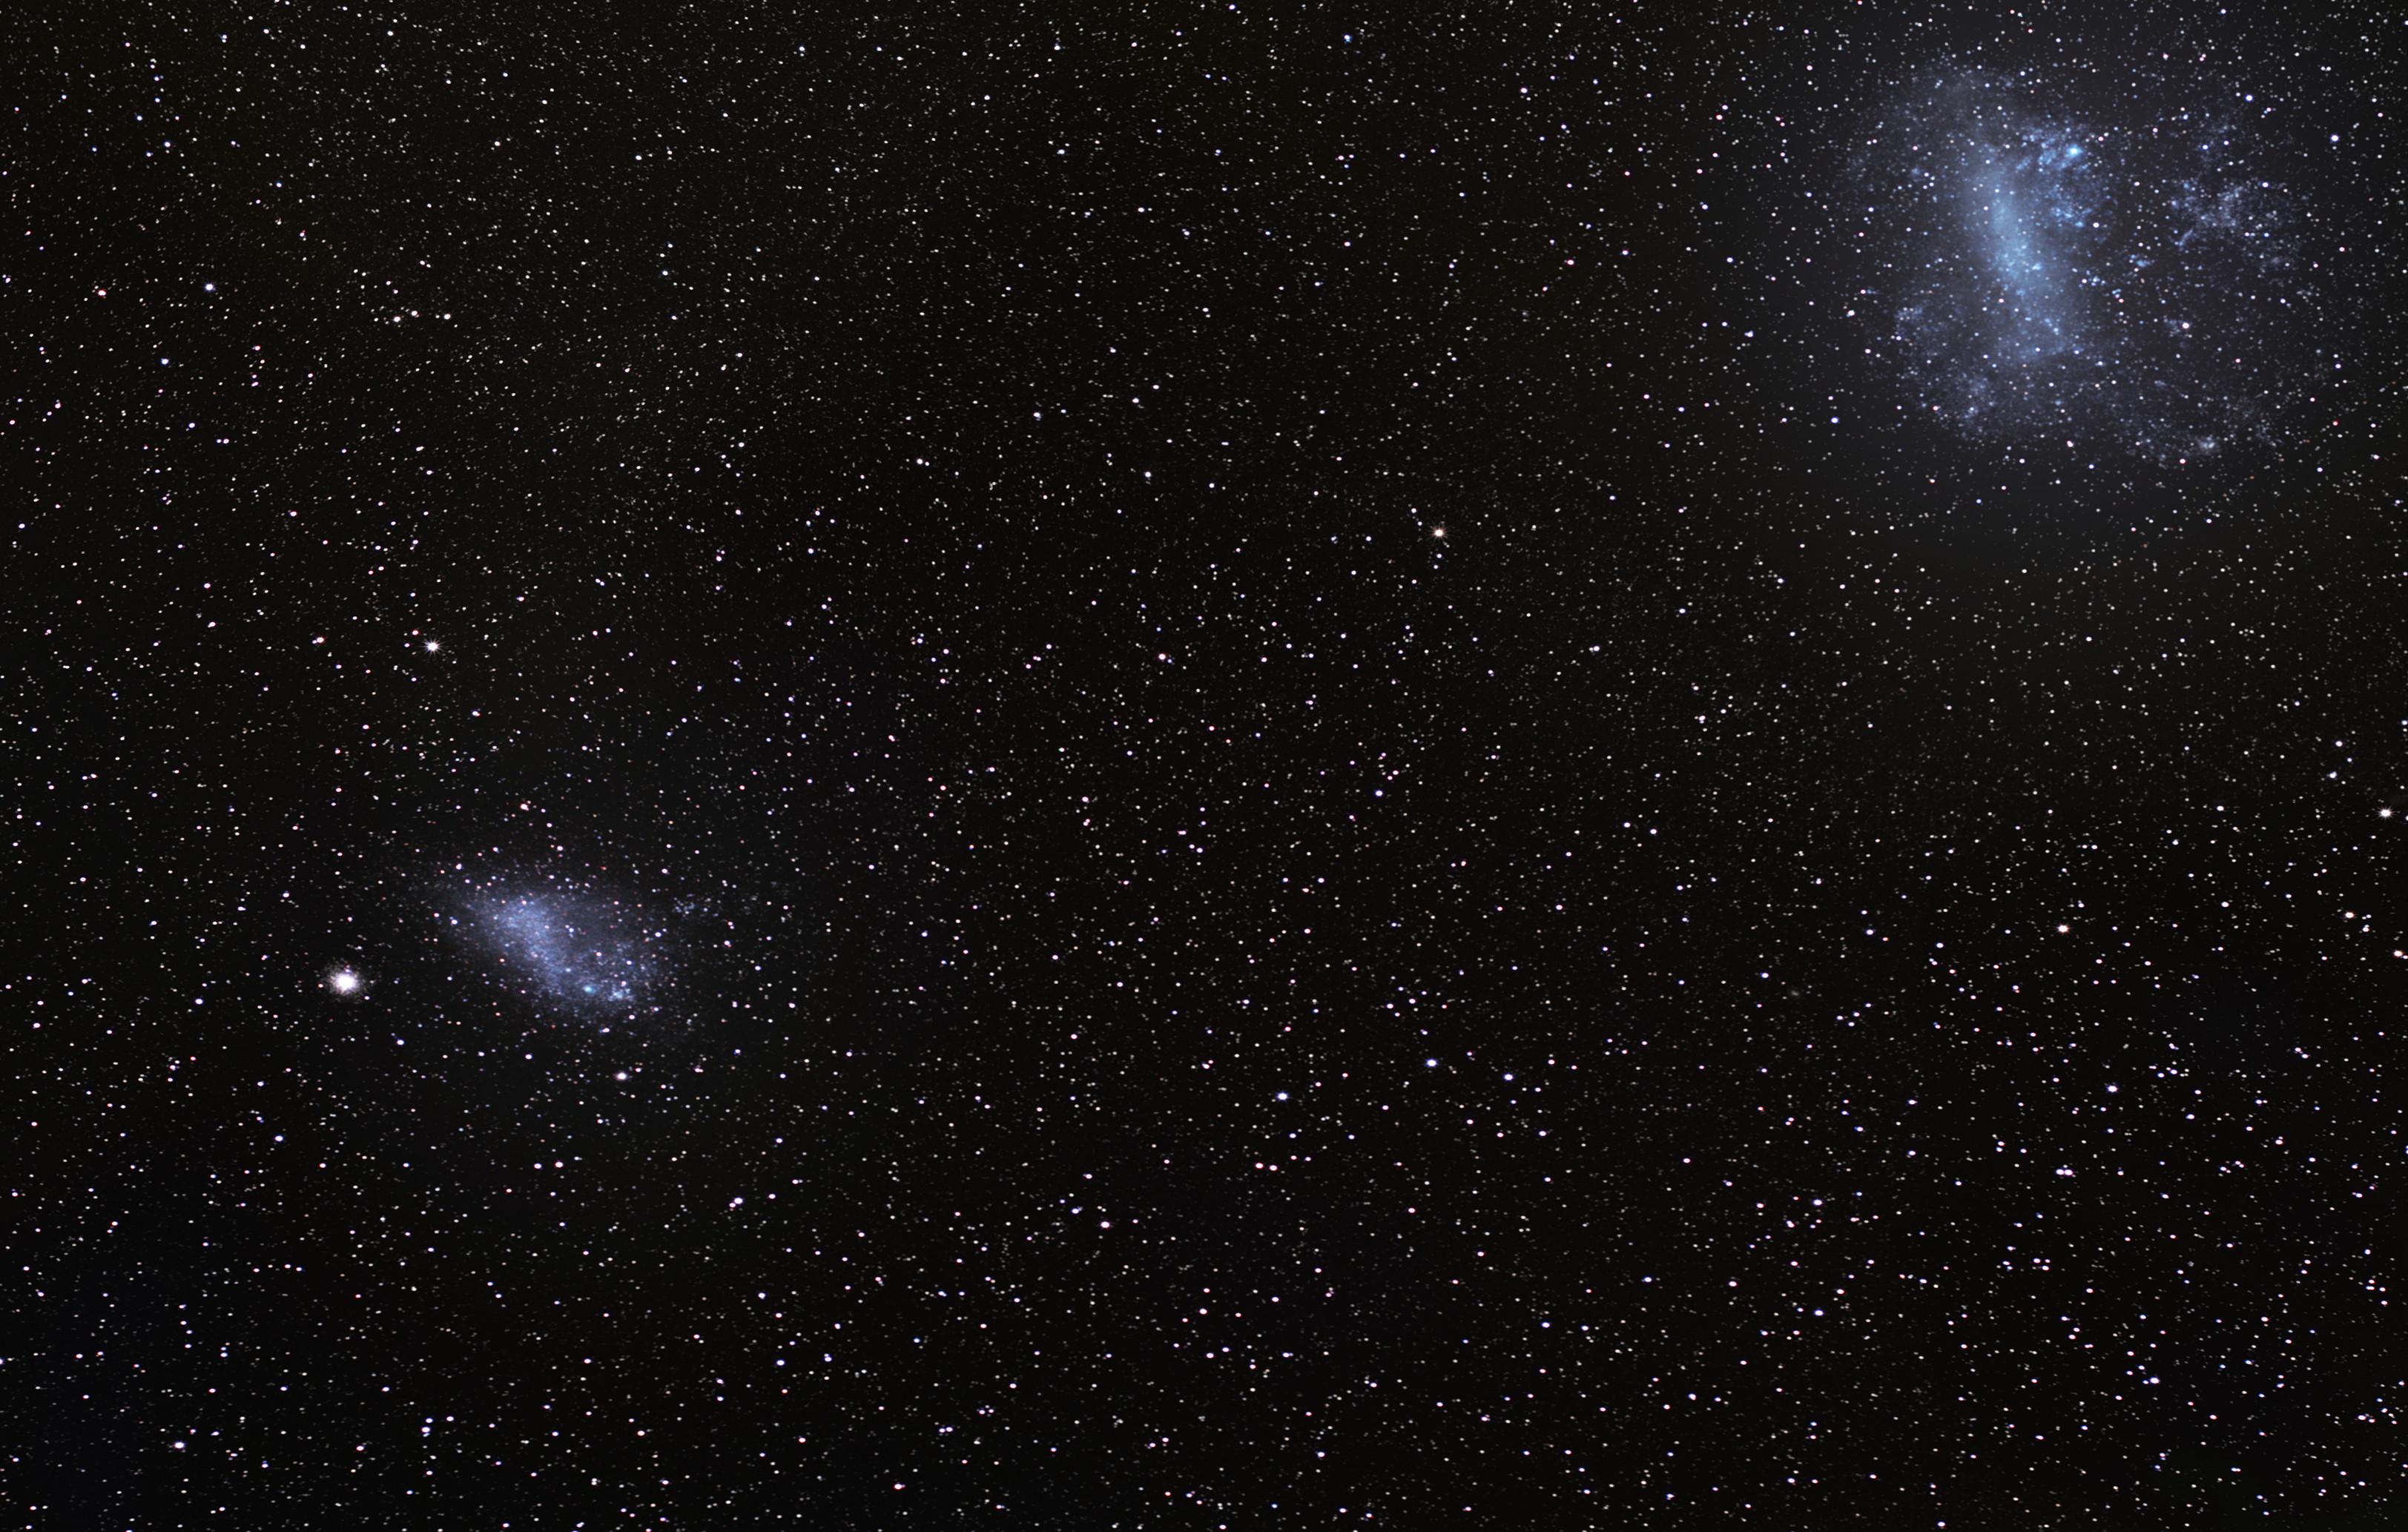 magellan kart norge Magellanic Clouds ― irregular dwarf galaxies | ESO Norge magellan kart norge